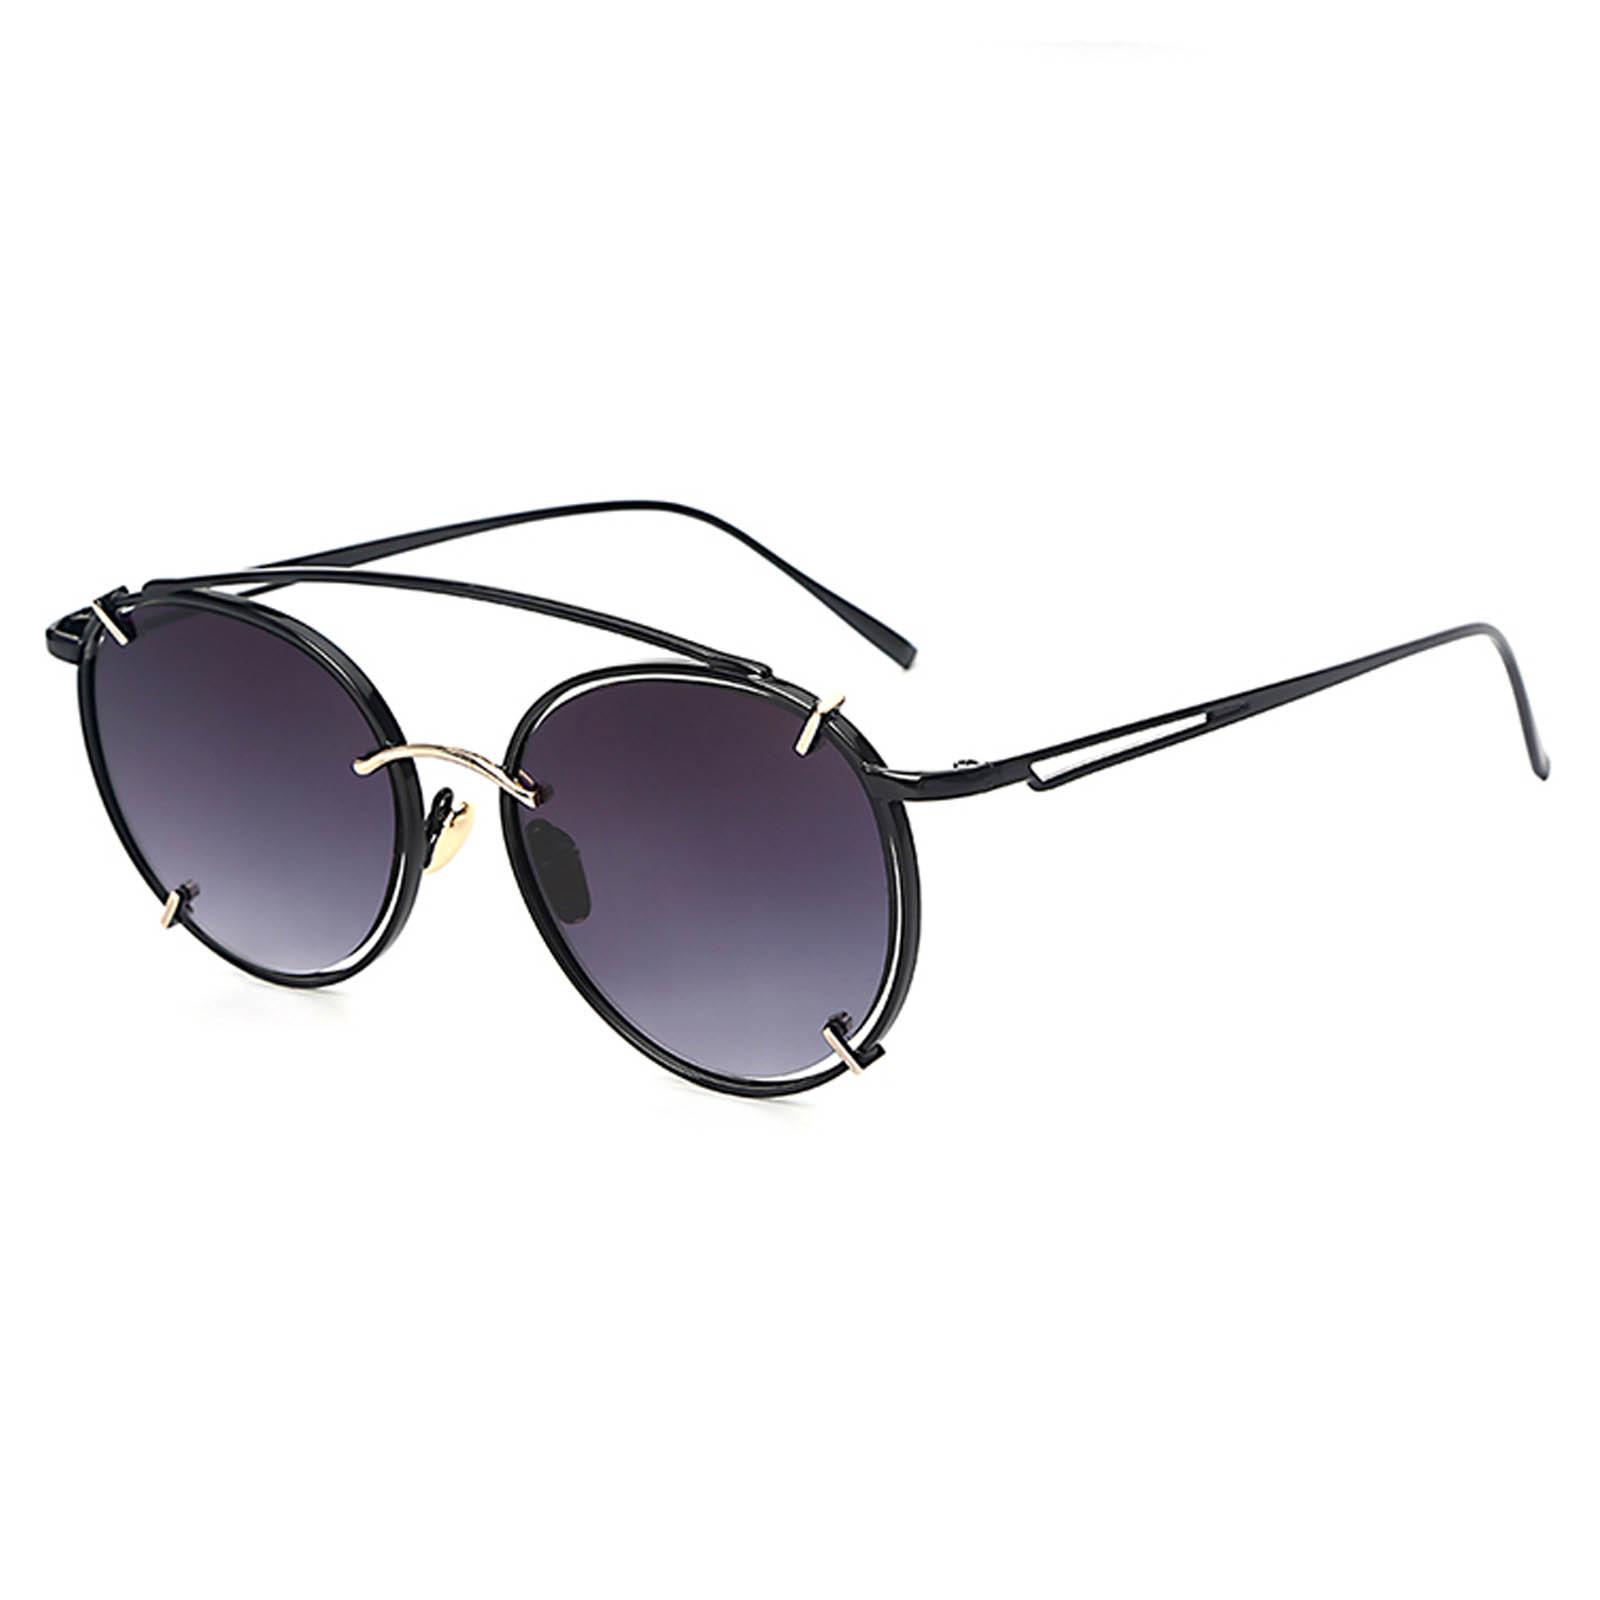 OWL ® 009 C1 Round Eyewear Sunglasses Women's Men's Metal Round Circle Black Frame Smoke Lens One Pair